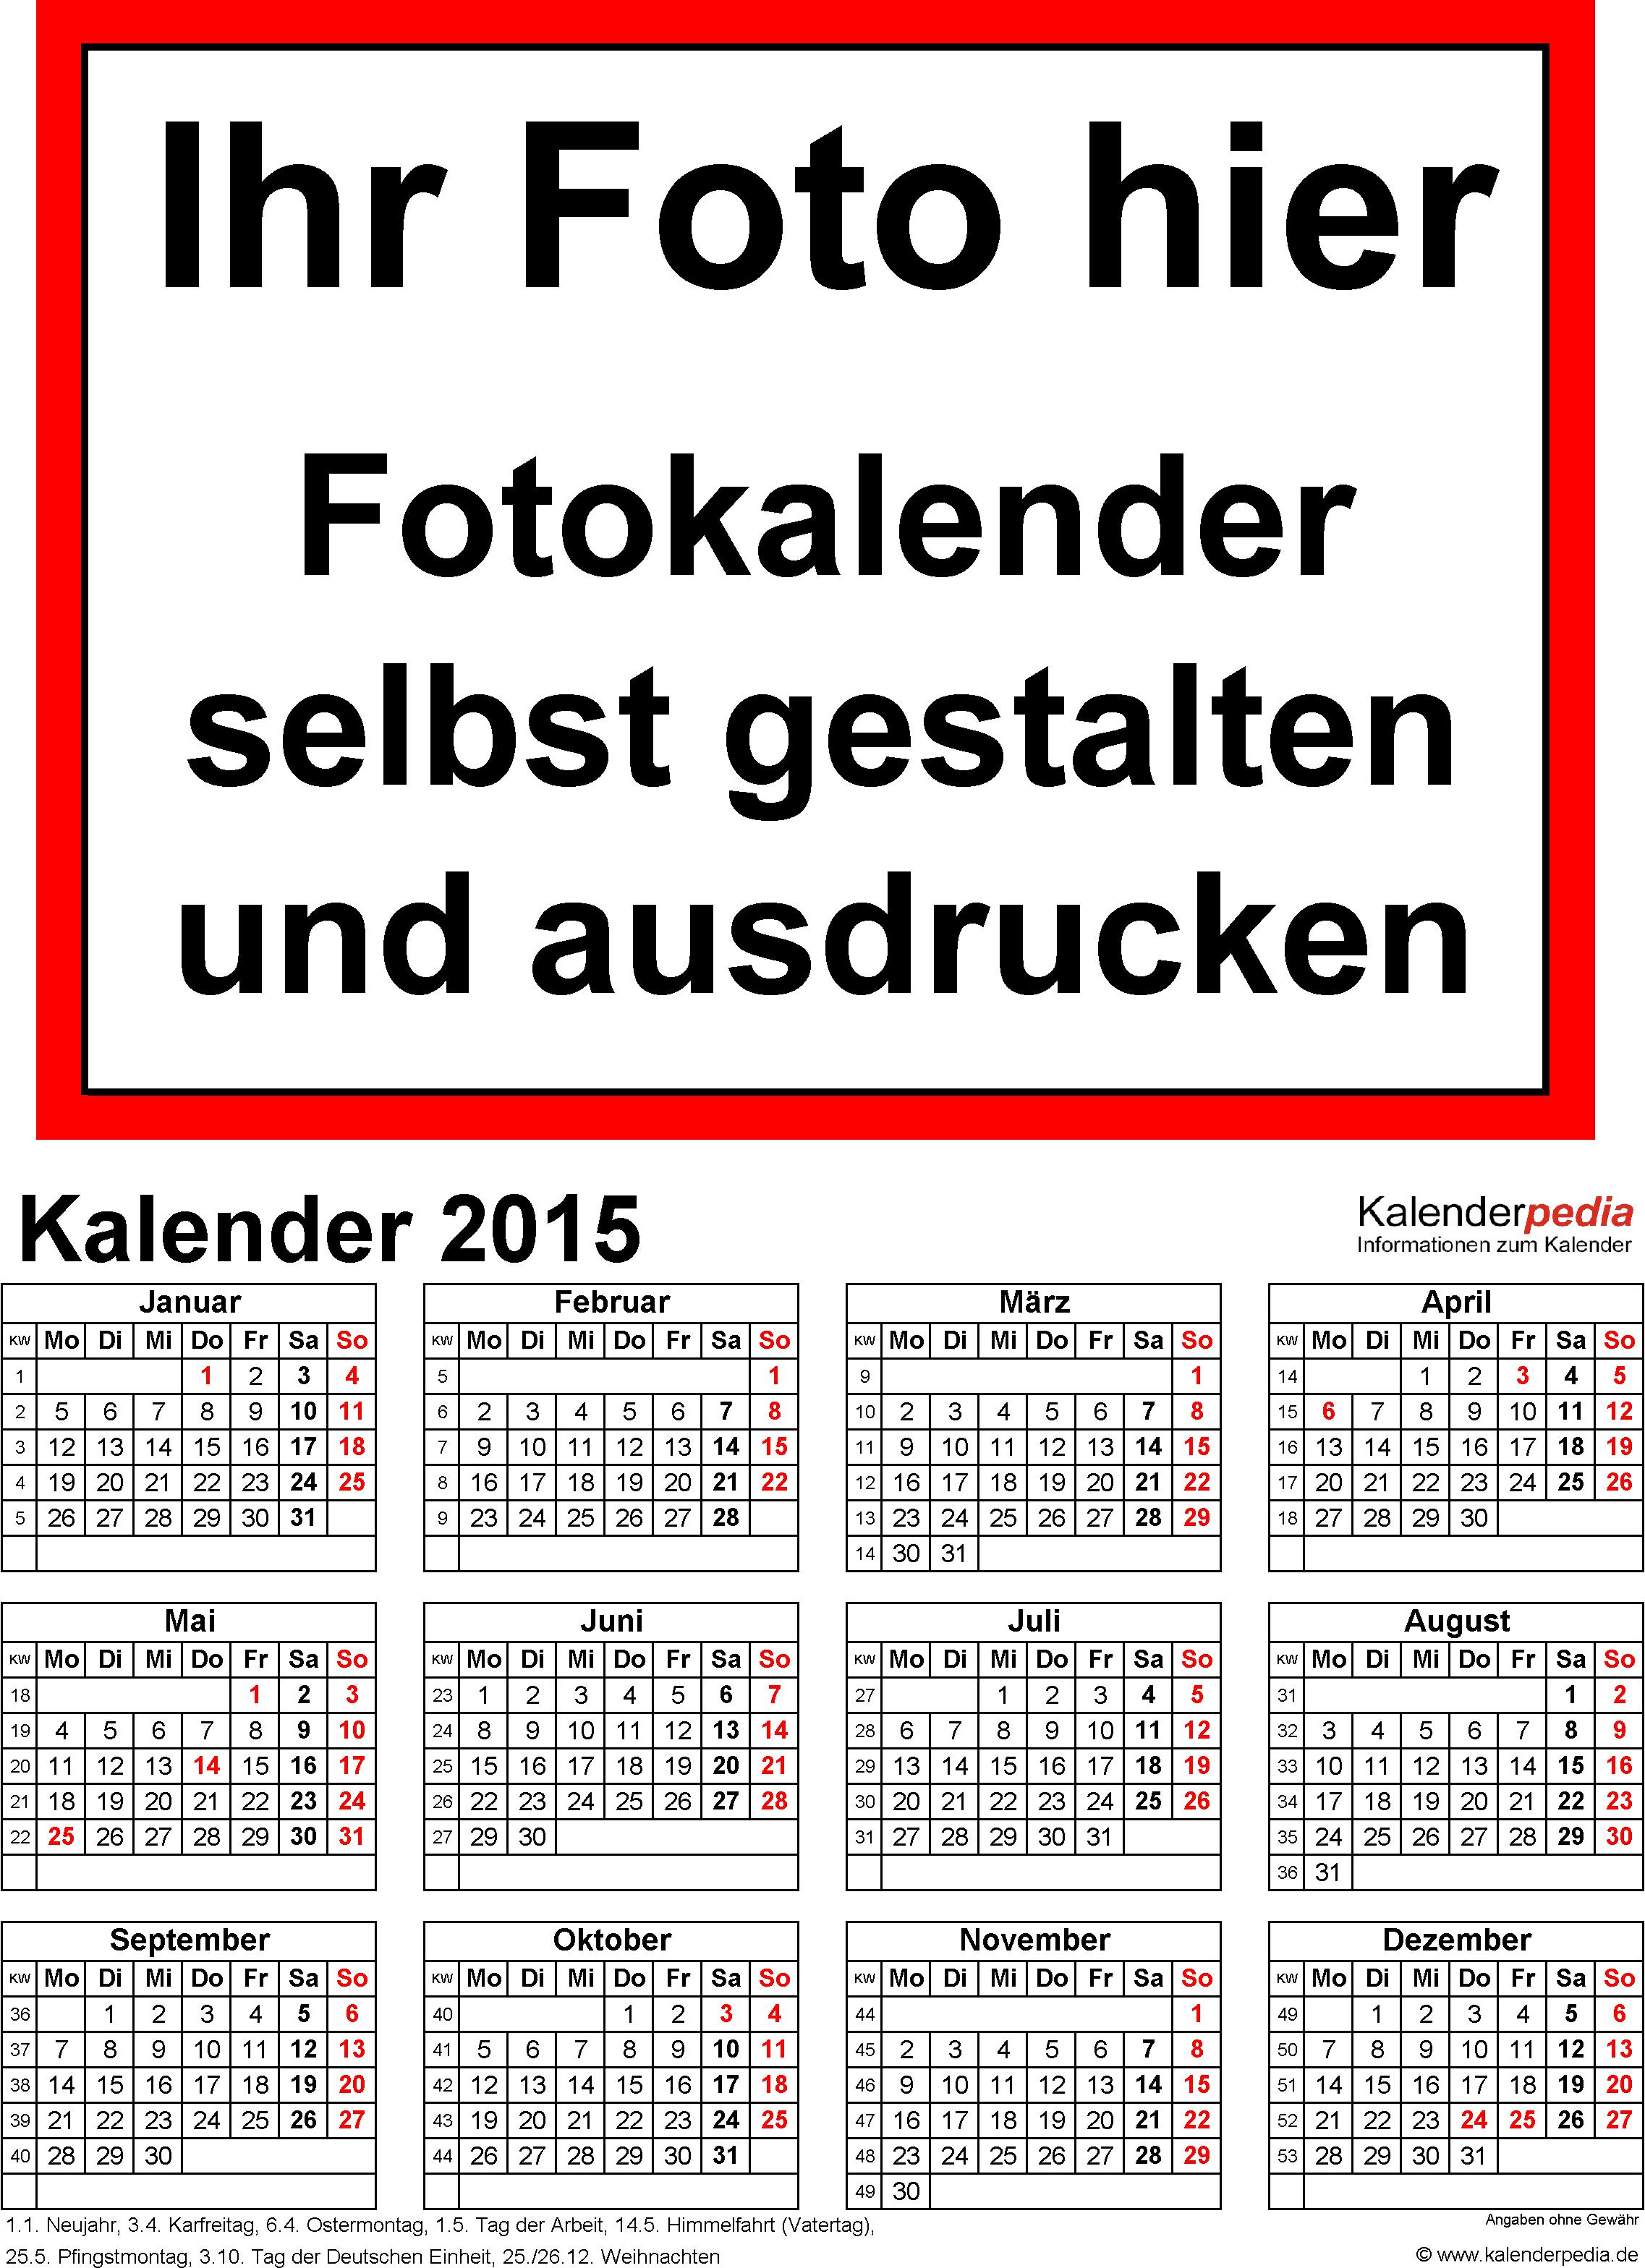 Vorlage 4: Excel-Vorlagen für Fotokalender 2015 (ganzes Jahr auf einer Seite)